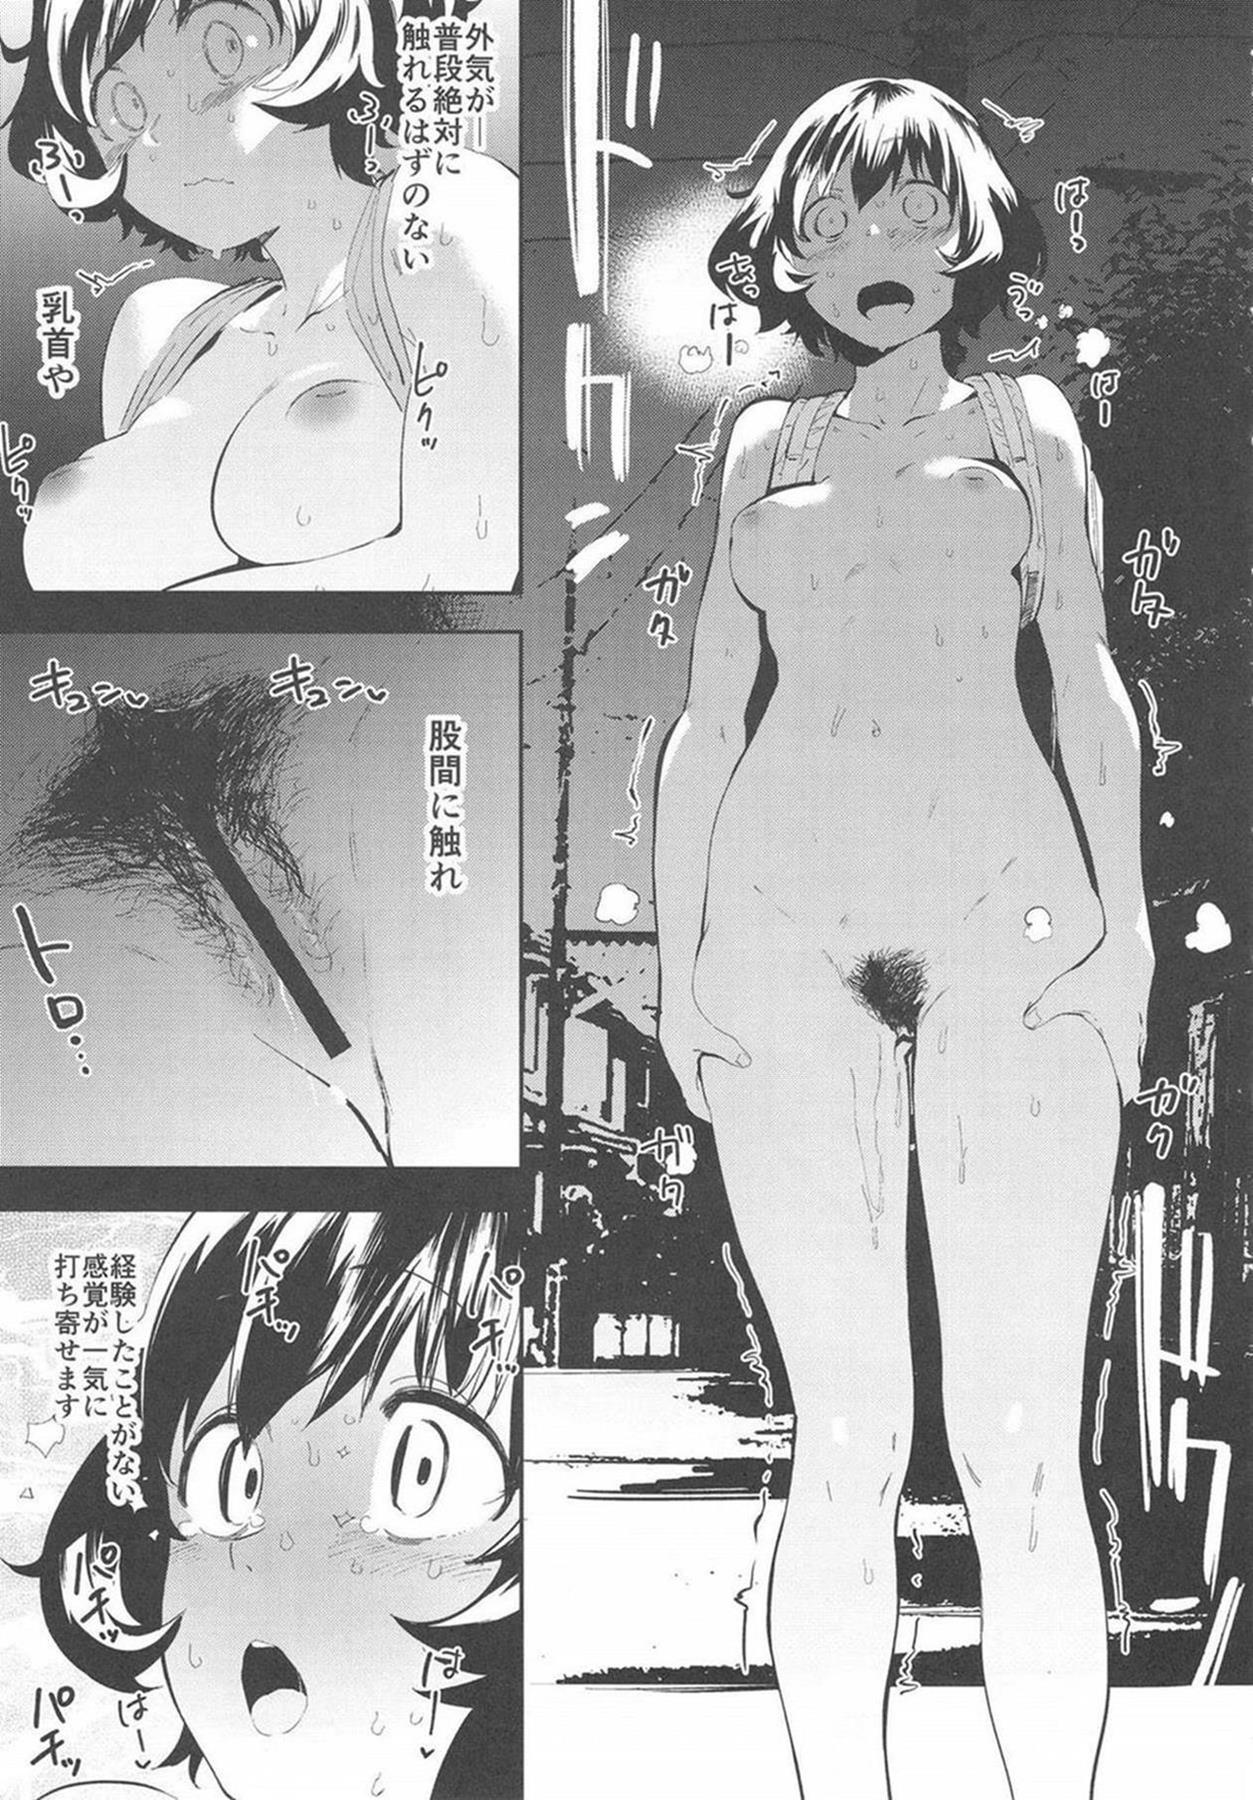 【ガルパン エロ漫画・エロ同人】自分に露出癖があることを知った秋山優花里が野外露出してたらどんどん見境がなくなっていき・・・ (8)